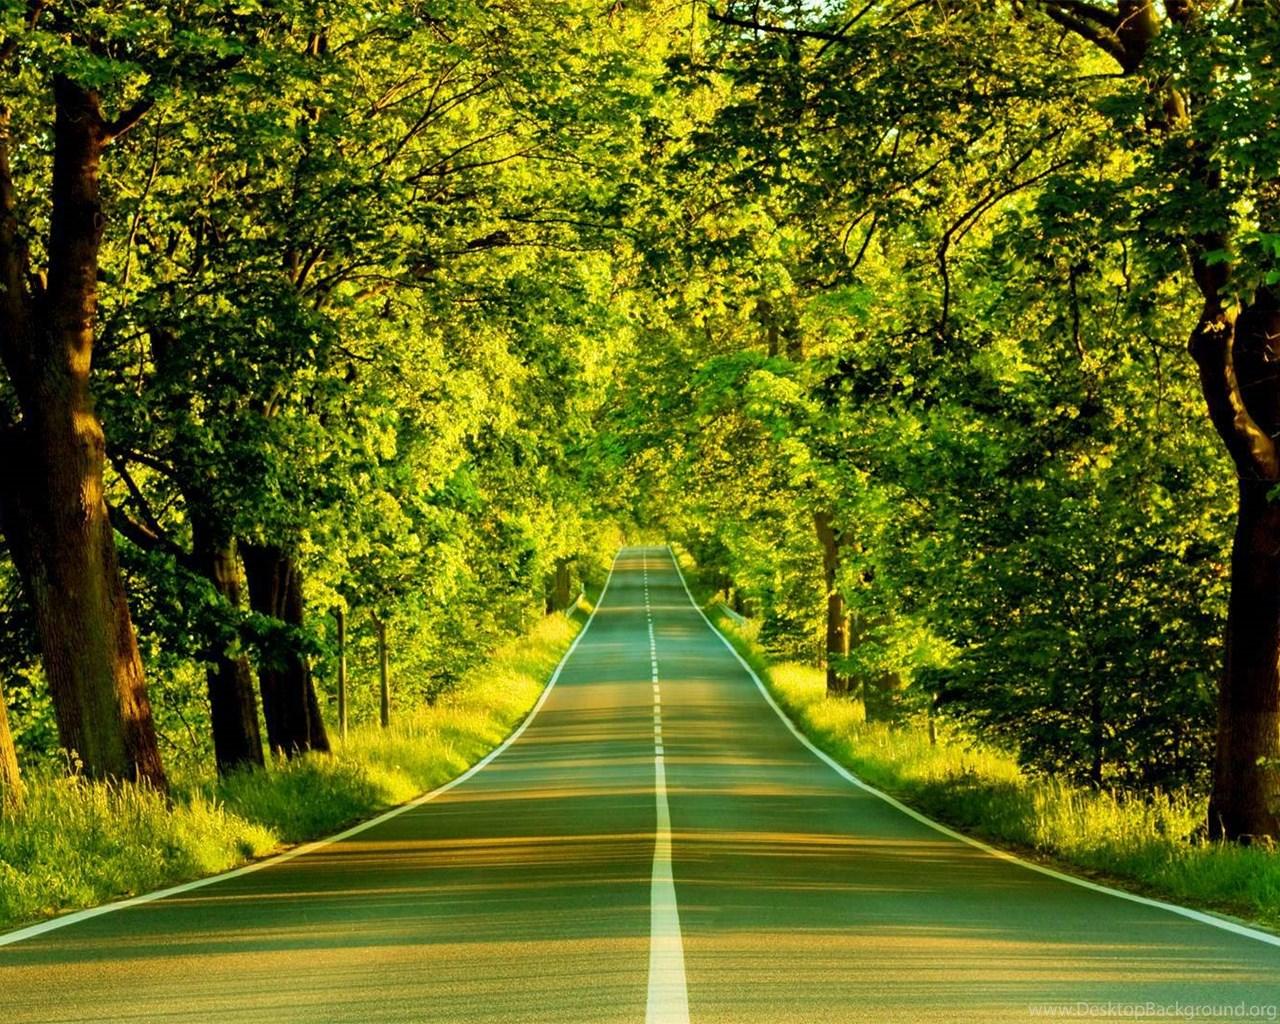 Nature Wallpapers Hd For Desktop High Resolution Best Hd Desktop